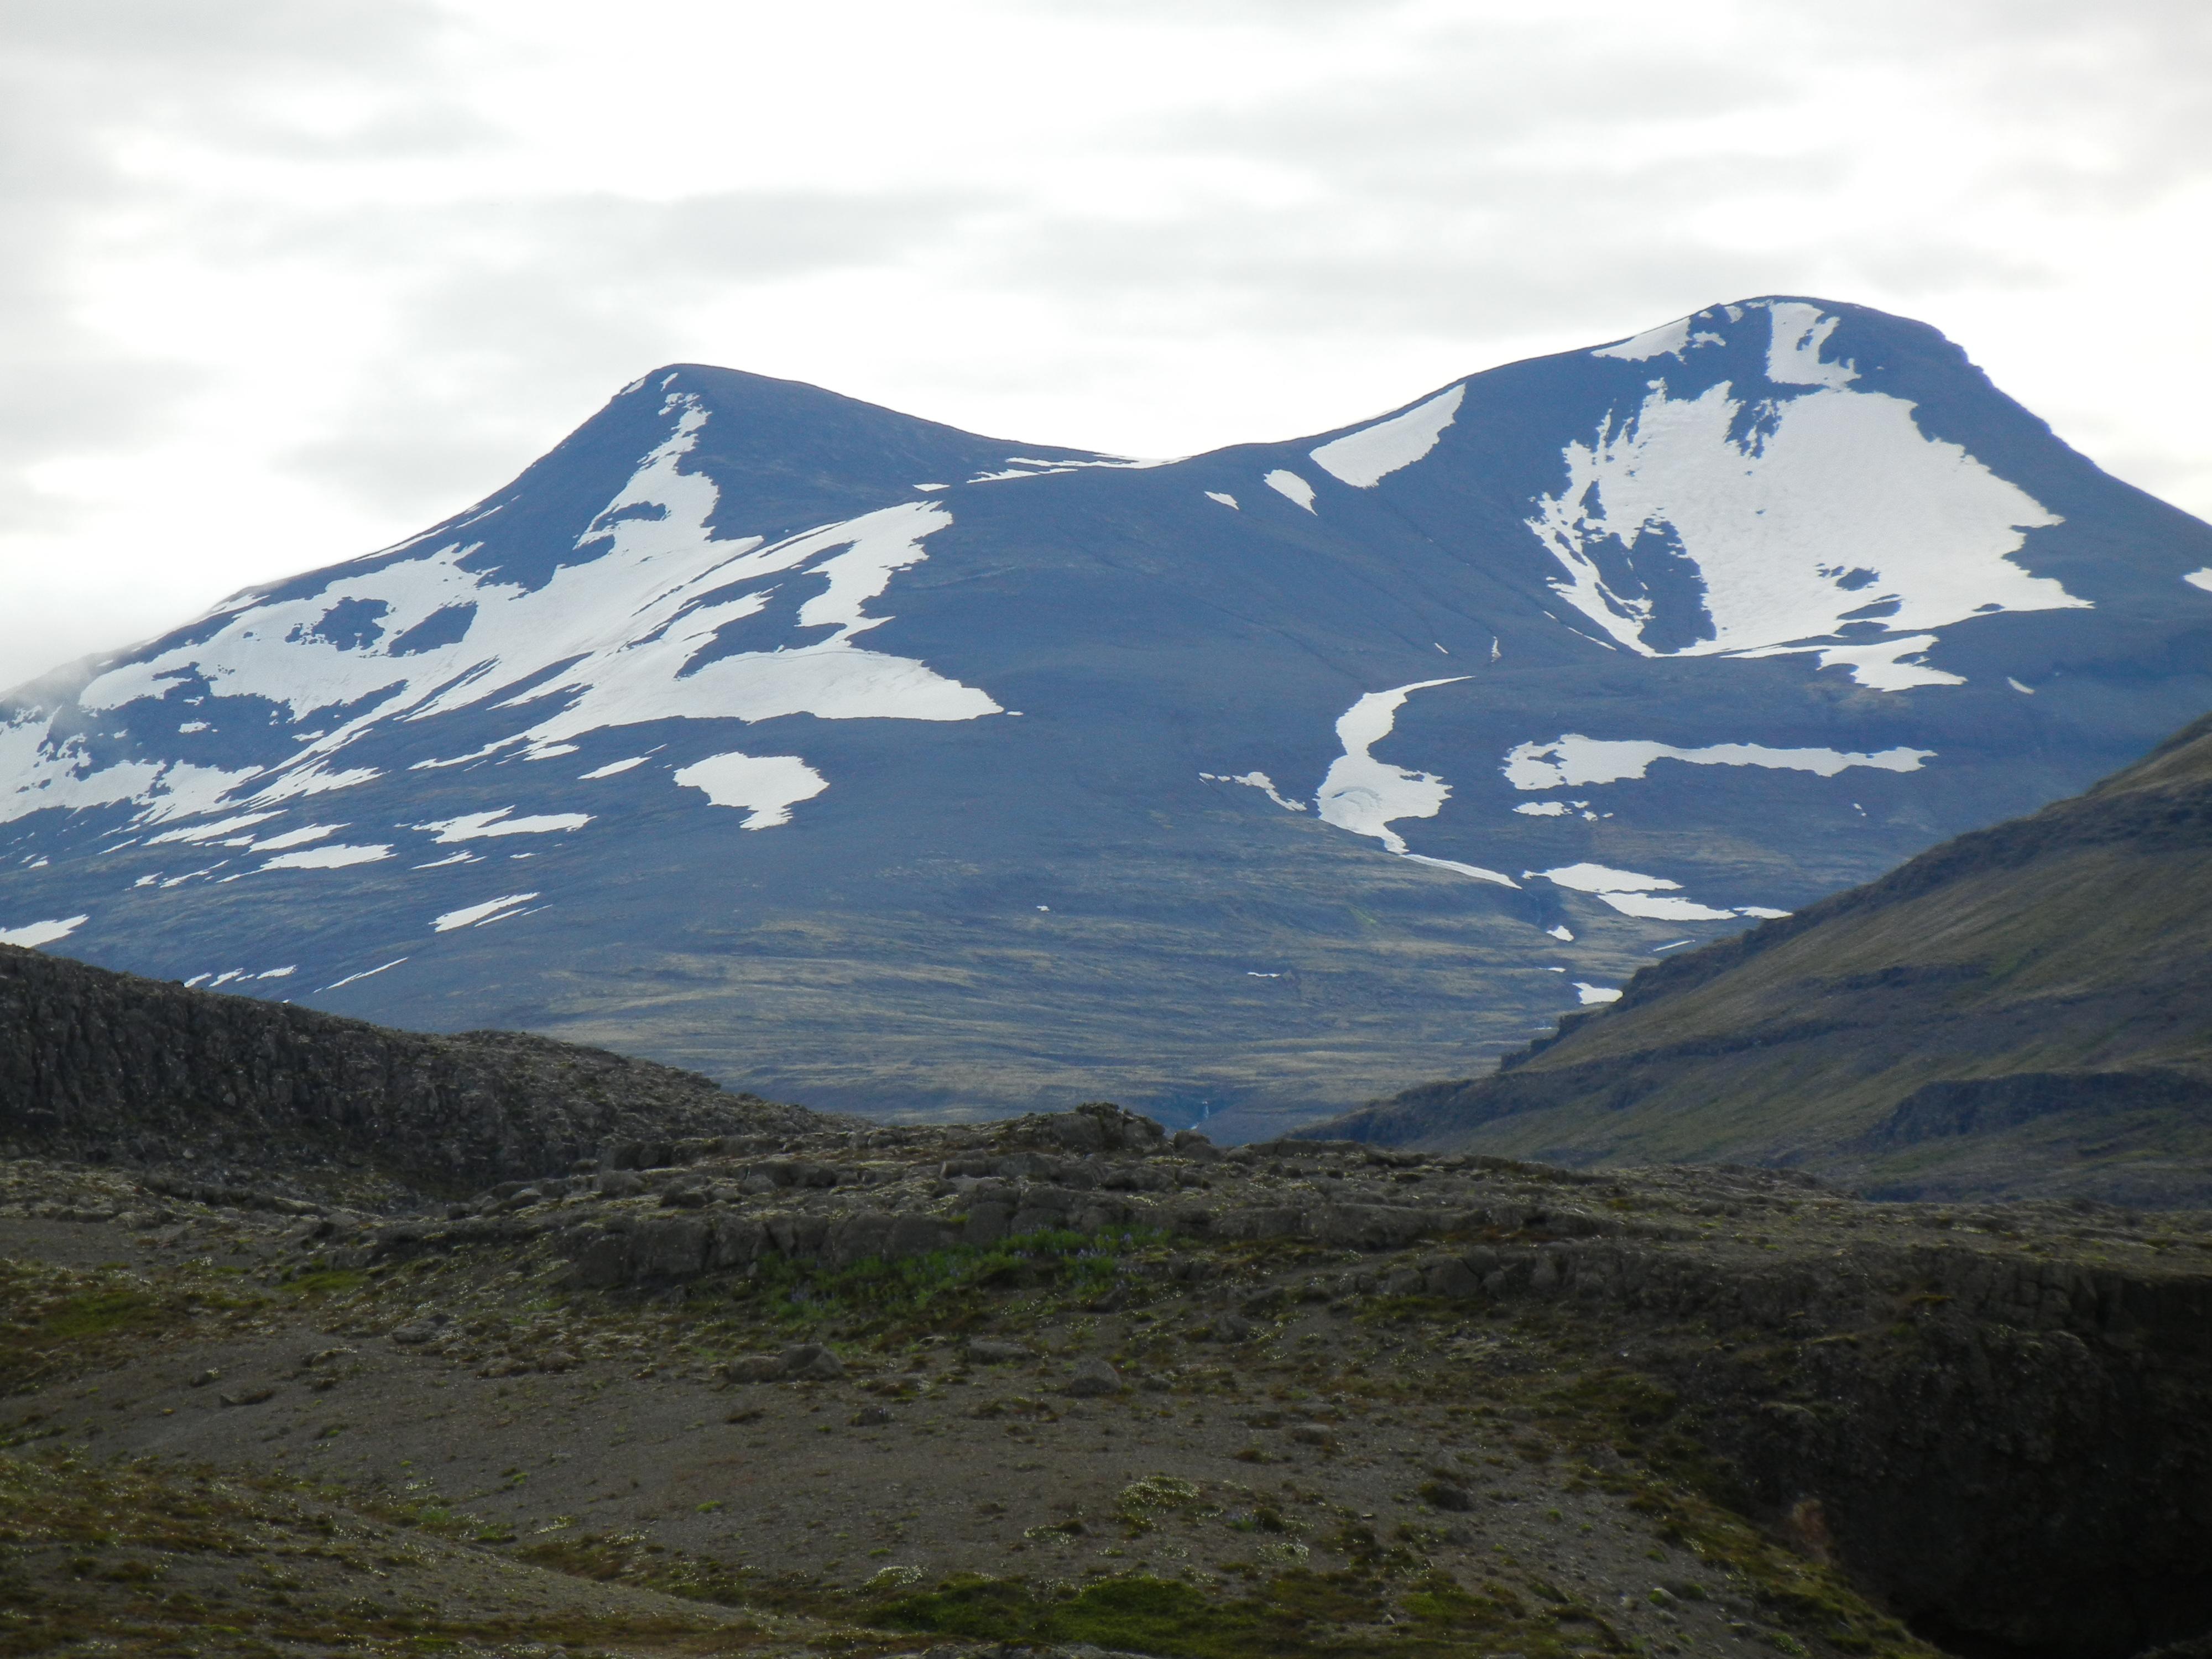 Fjord Hvalfjordur hike